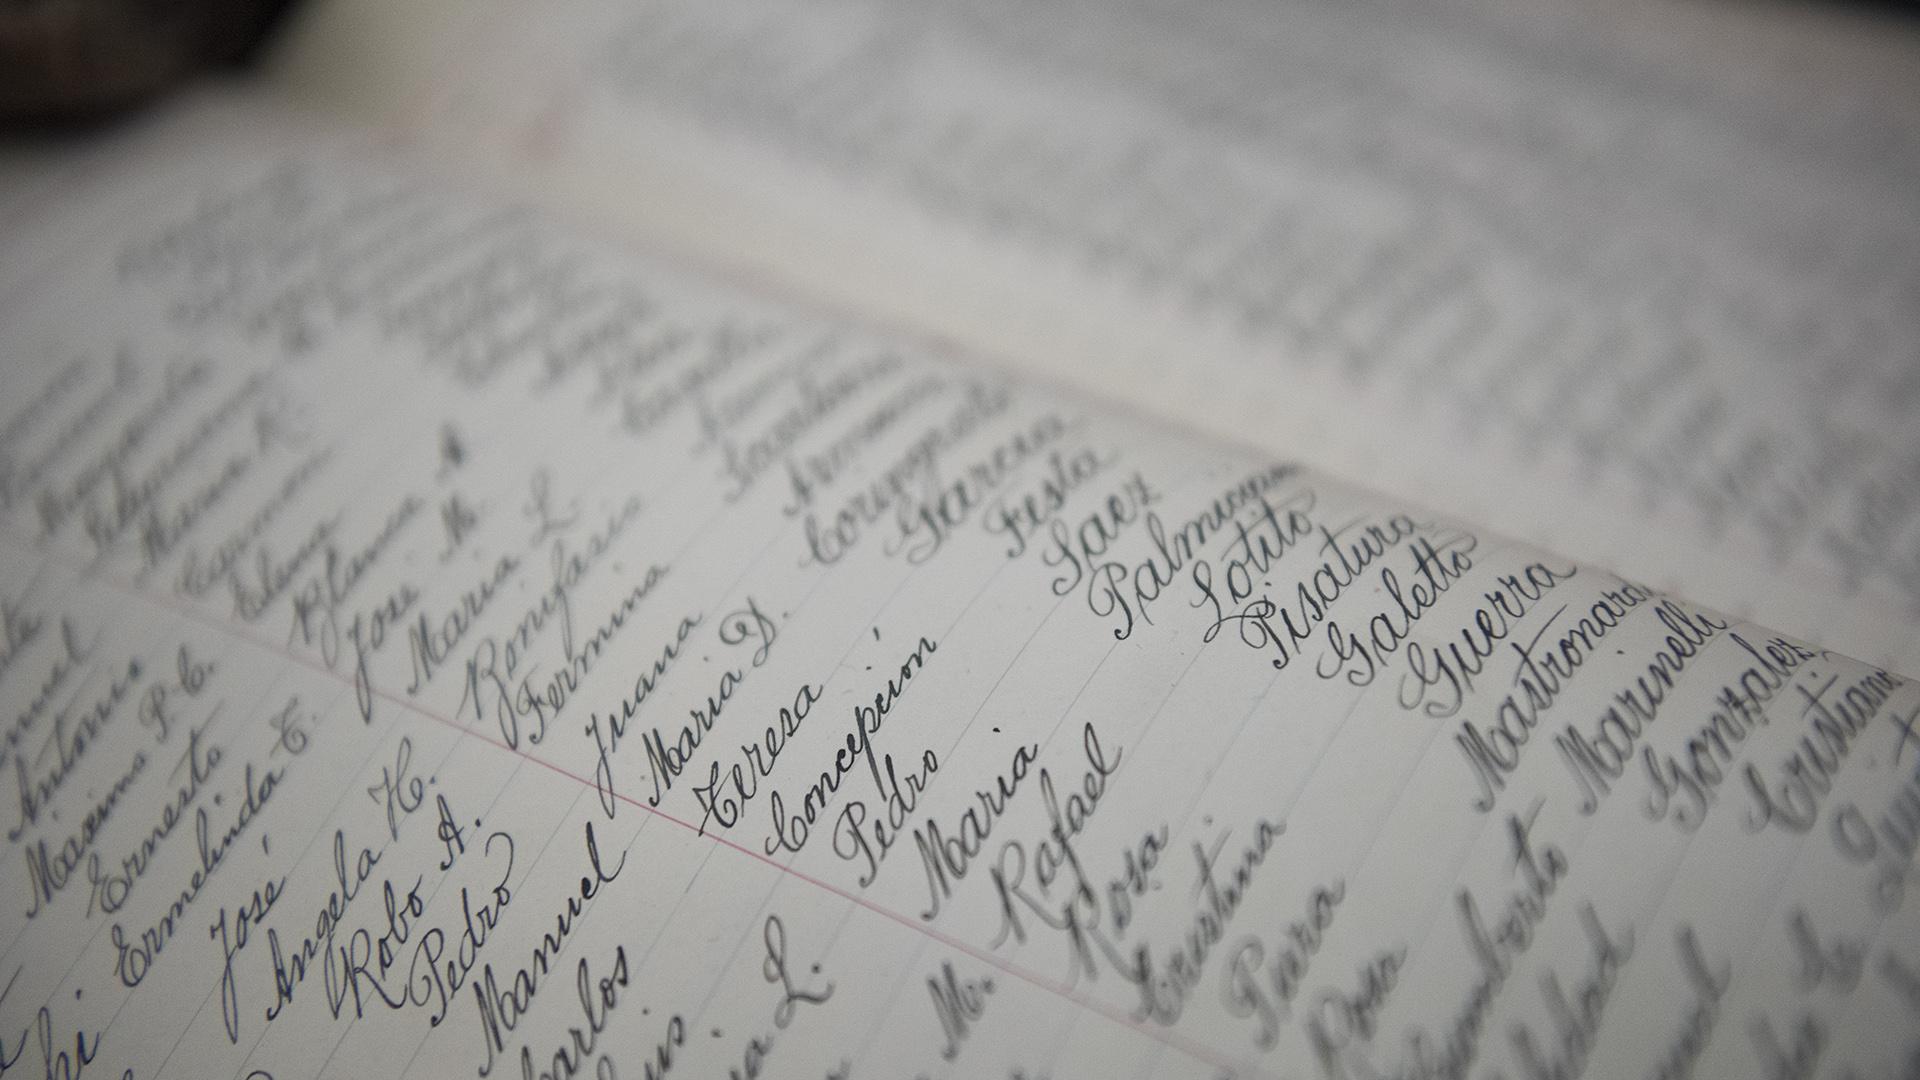 Lps documentos se encuentran disponibles para que el público descubra actas de nacimiento, bautismo y defunción de los personajes más importantes de la historia nacional (fotos de Adrián Escandar)